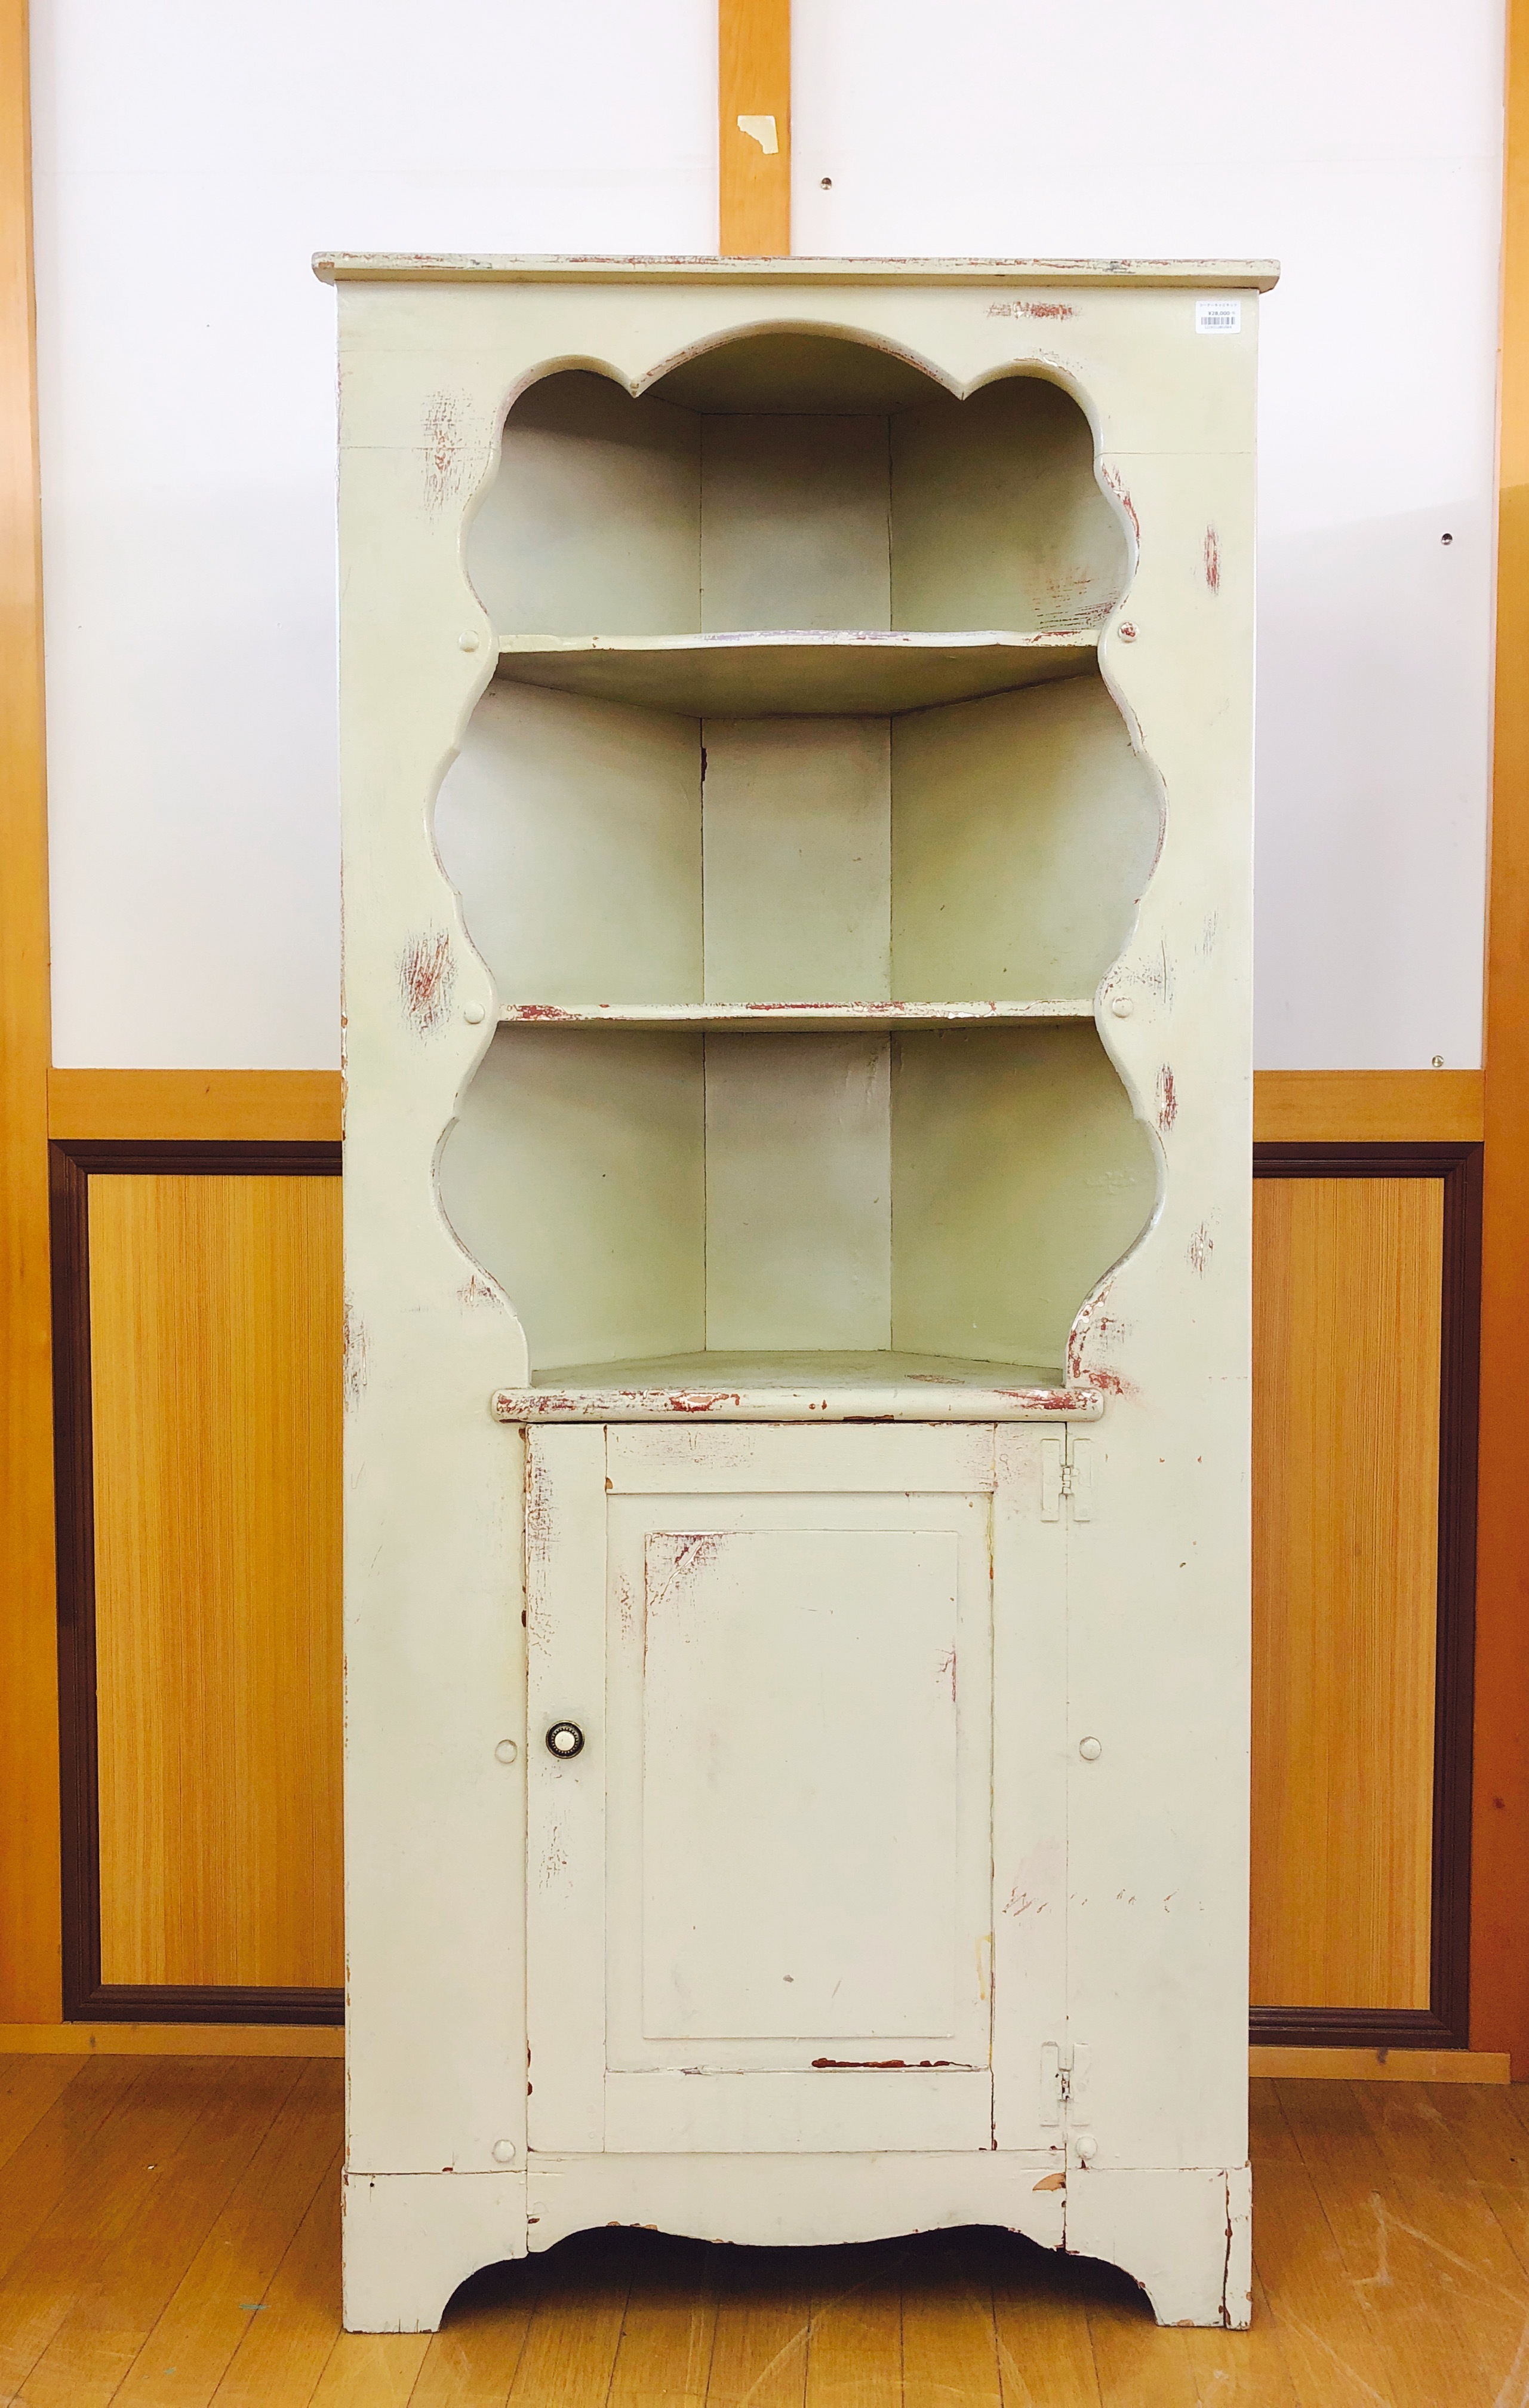 品番3564 コーナーキャビネット 食器棚 棚 ホワイト 家具 木製 アンティーク